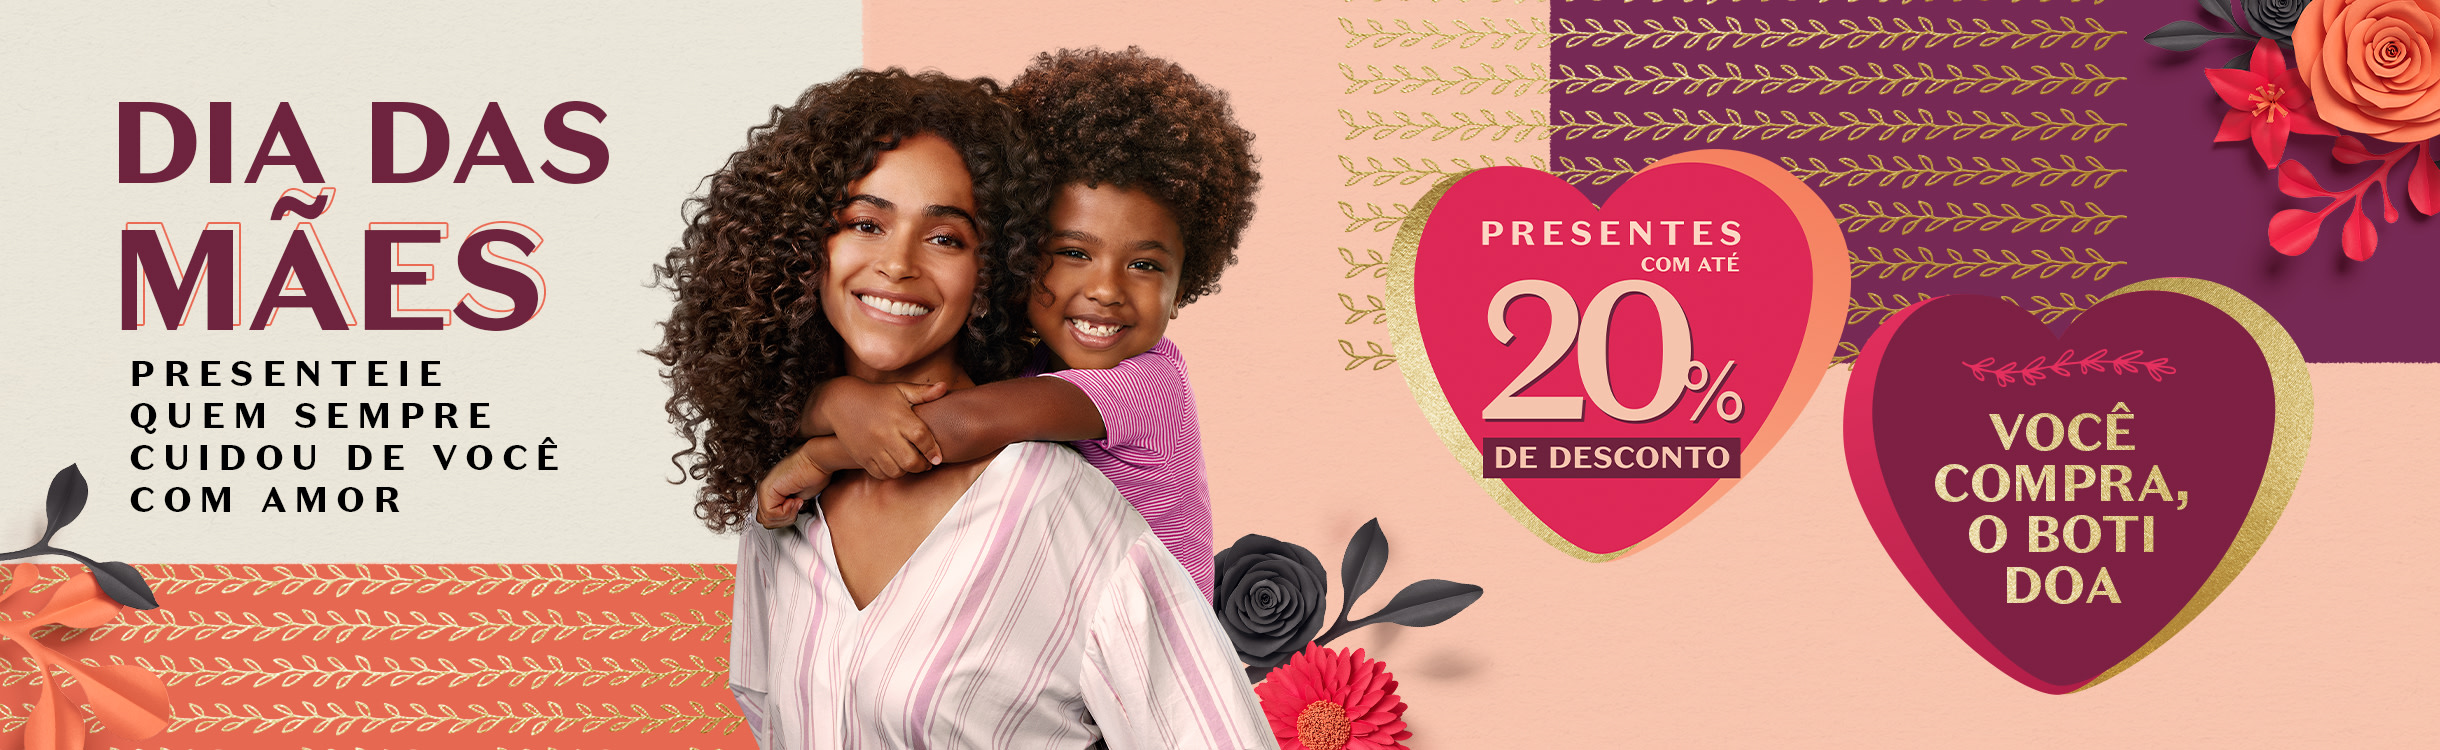 Dia das Mães: Presentes até R$99,90